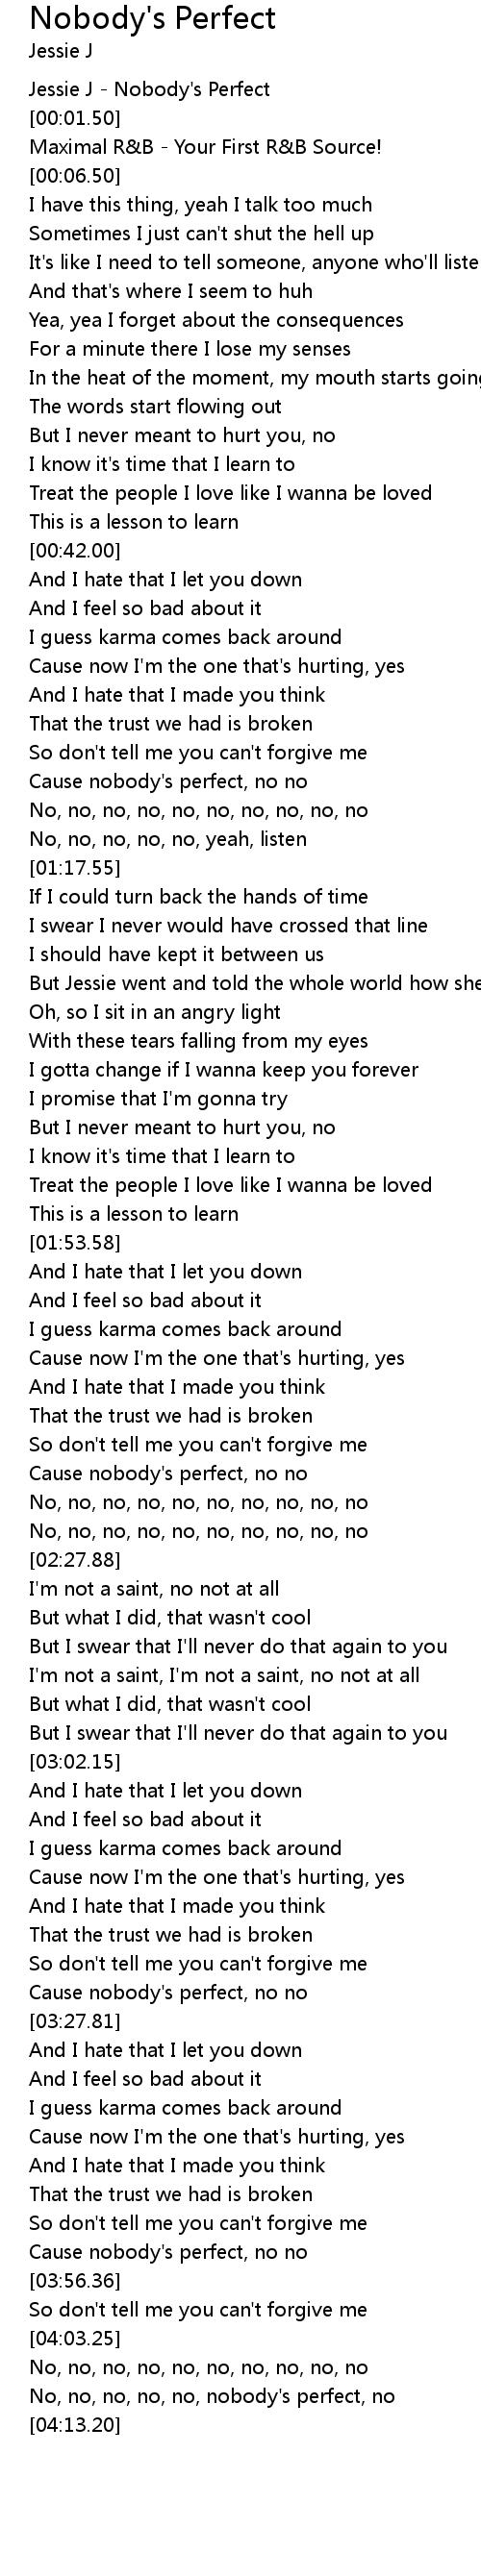 Nobody S Perfect Lyrics Follow Lyrics I got no time for no right do. nobody s perfect lyrics follow lyrics